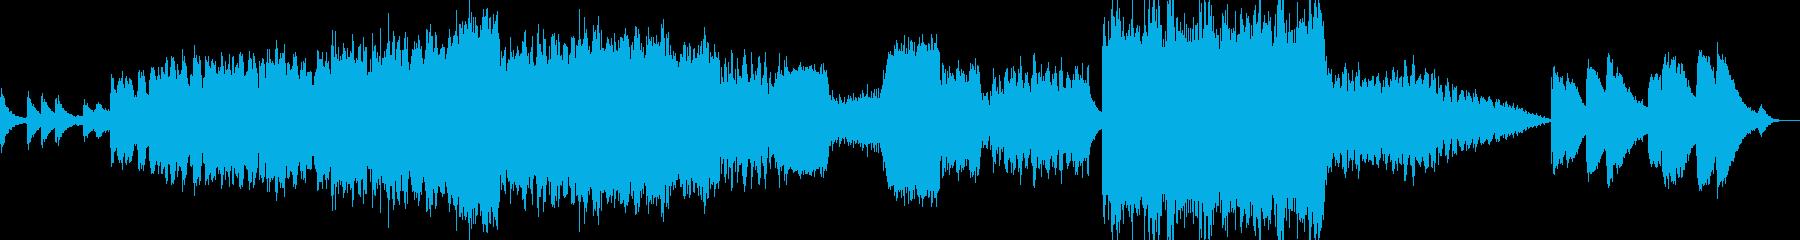 【ゲーム】冒険の始まりに合うオーケストラの再生済みの波形